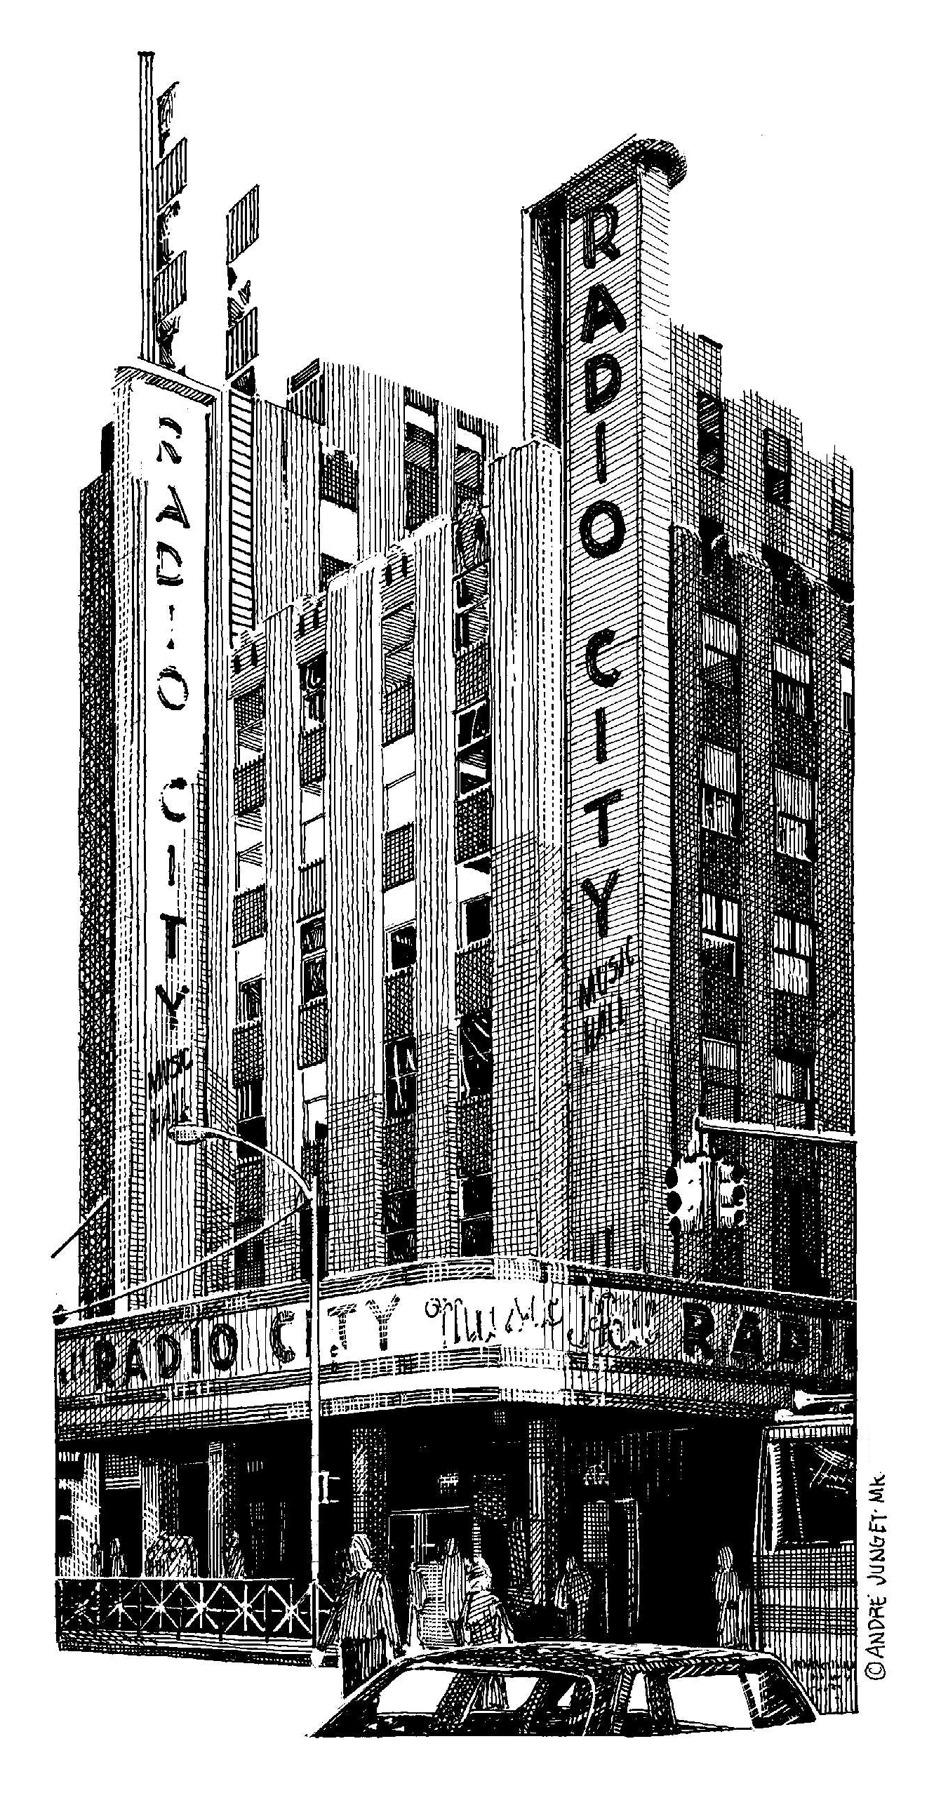 Radio city hlitlr